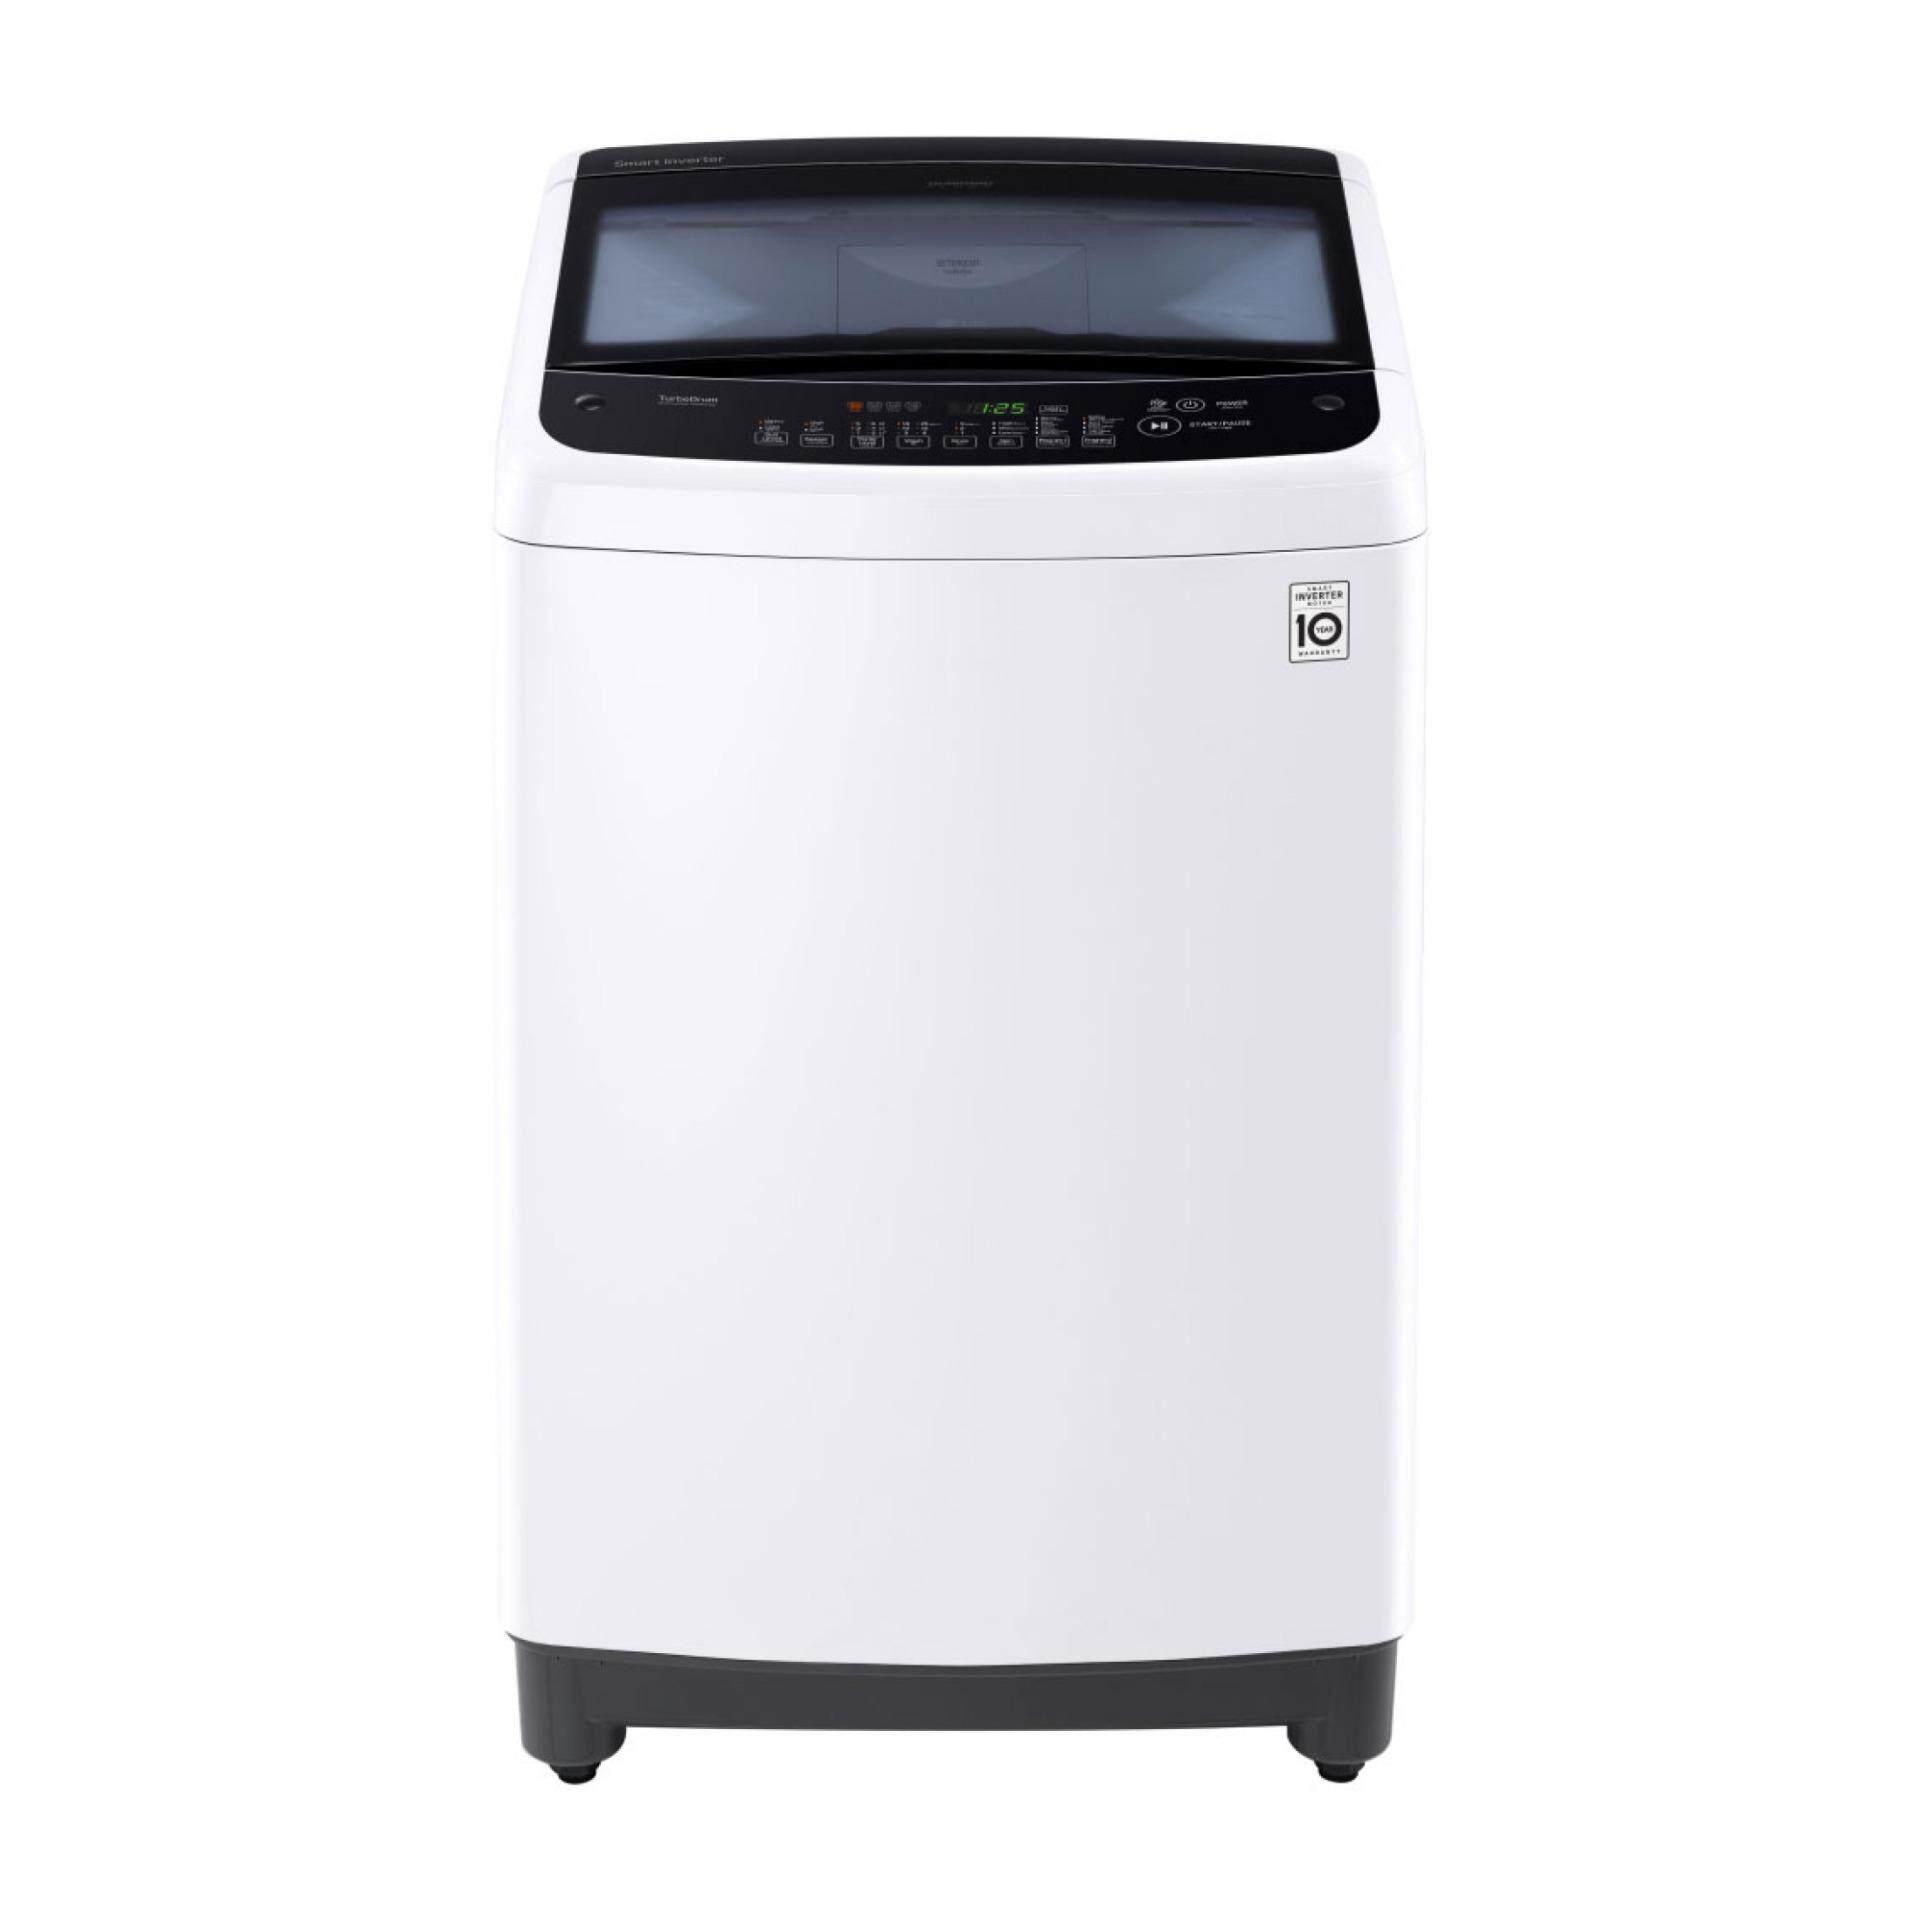 ลดราคาของจริงด่วน ๆ เครื่องซักผ้า Panasonic ลดโปรโมชั่น -17% PANASONIC เครื่องซักผ้าฝาบน 1 ถัง 10 Kg. รุ่น NA-F100A2 ยอดขายอันดับ 1